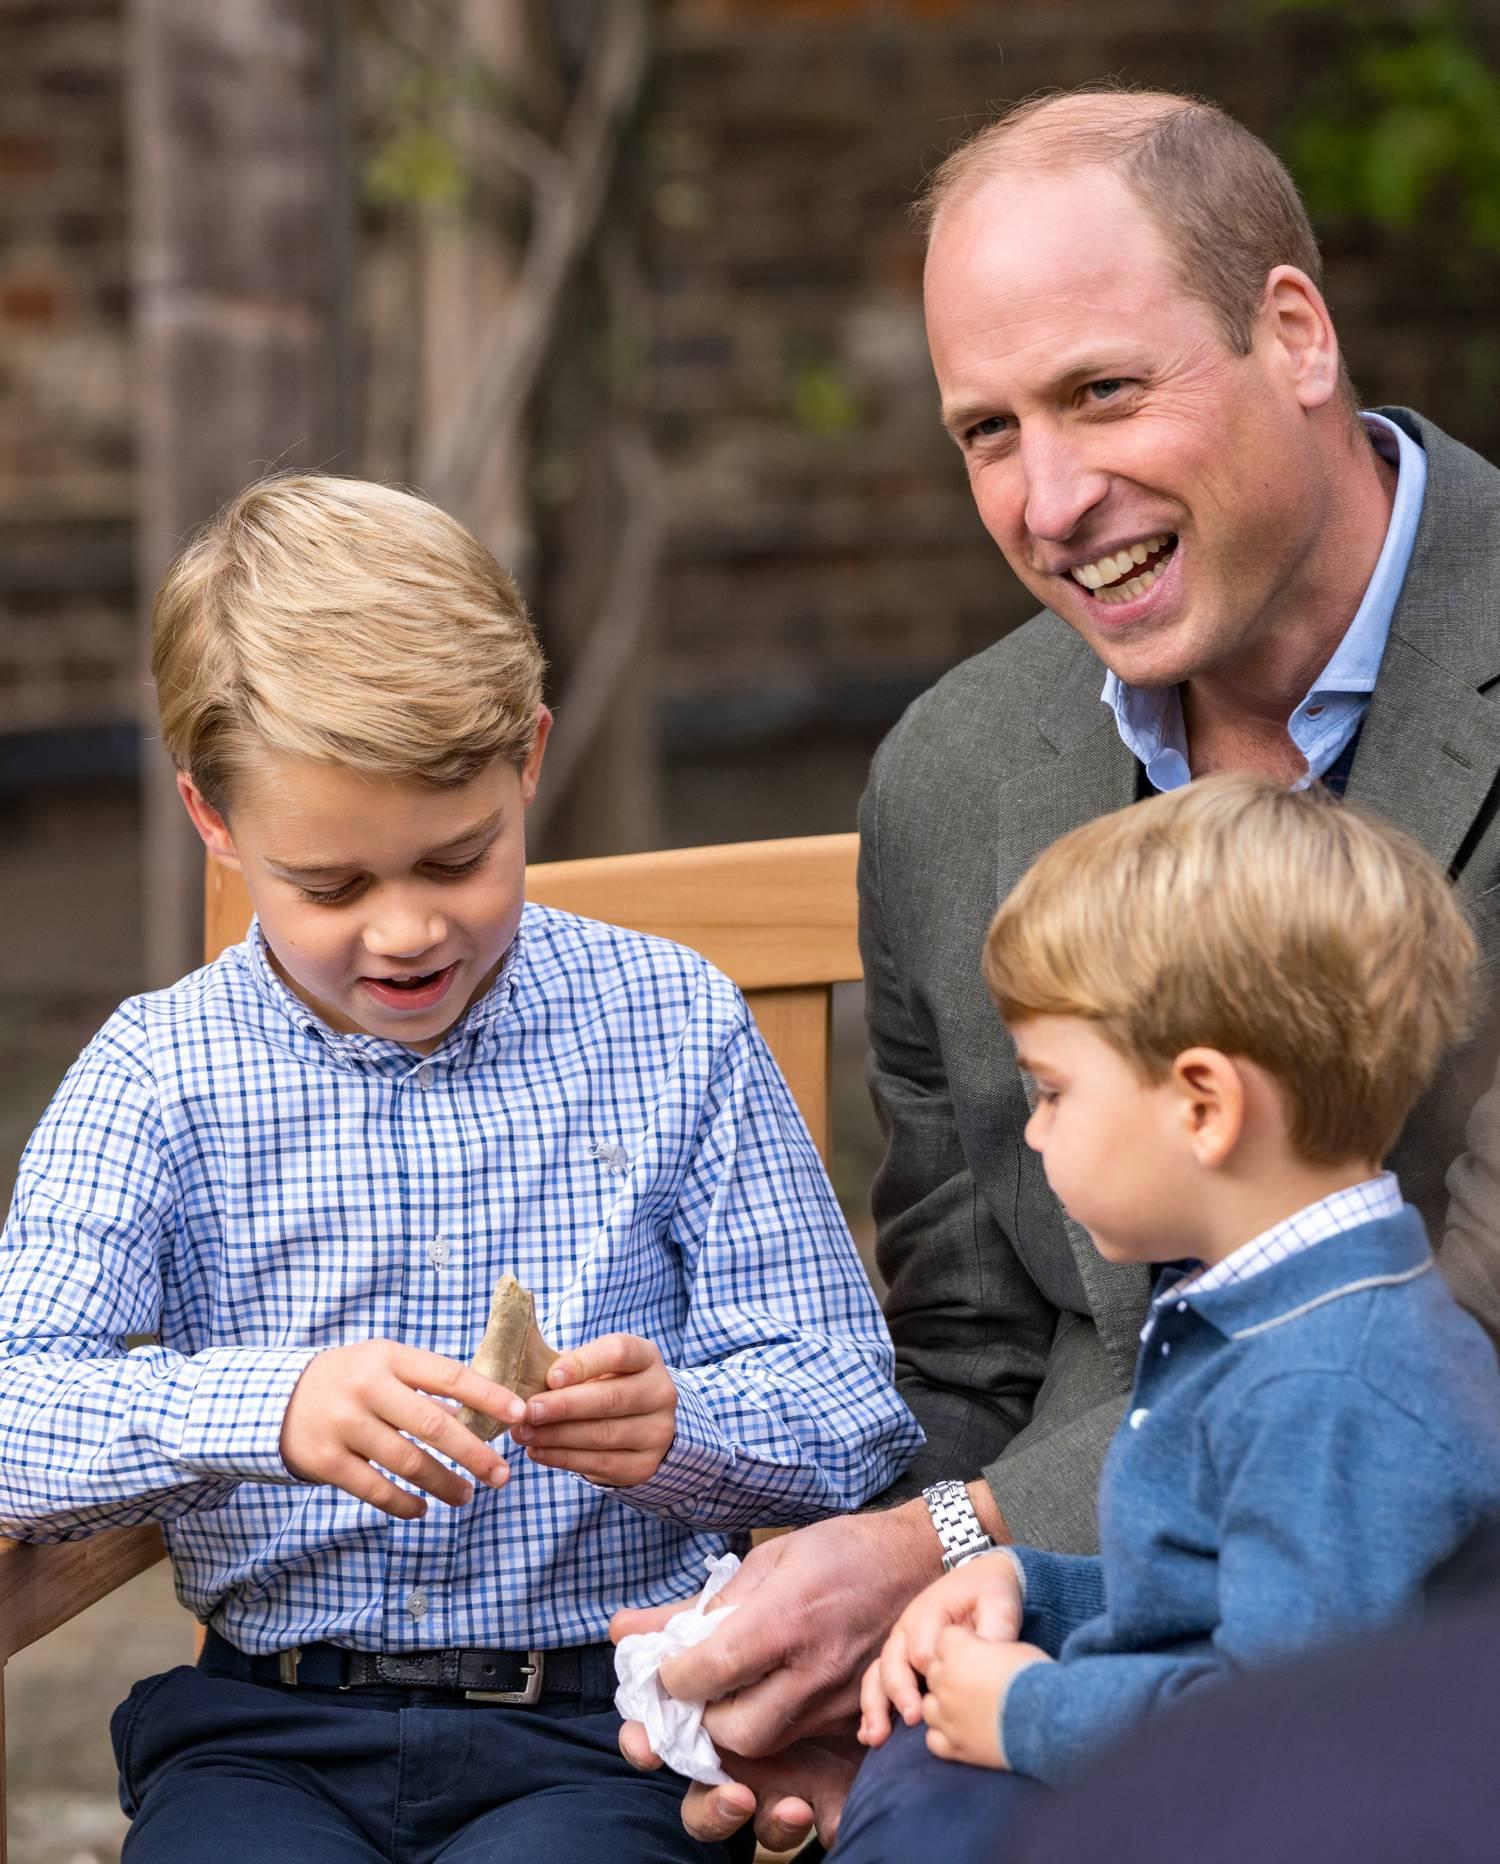 György herceg a cápafoggal 2020. szeptember 24-én Londonban